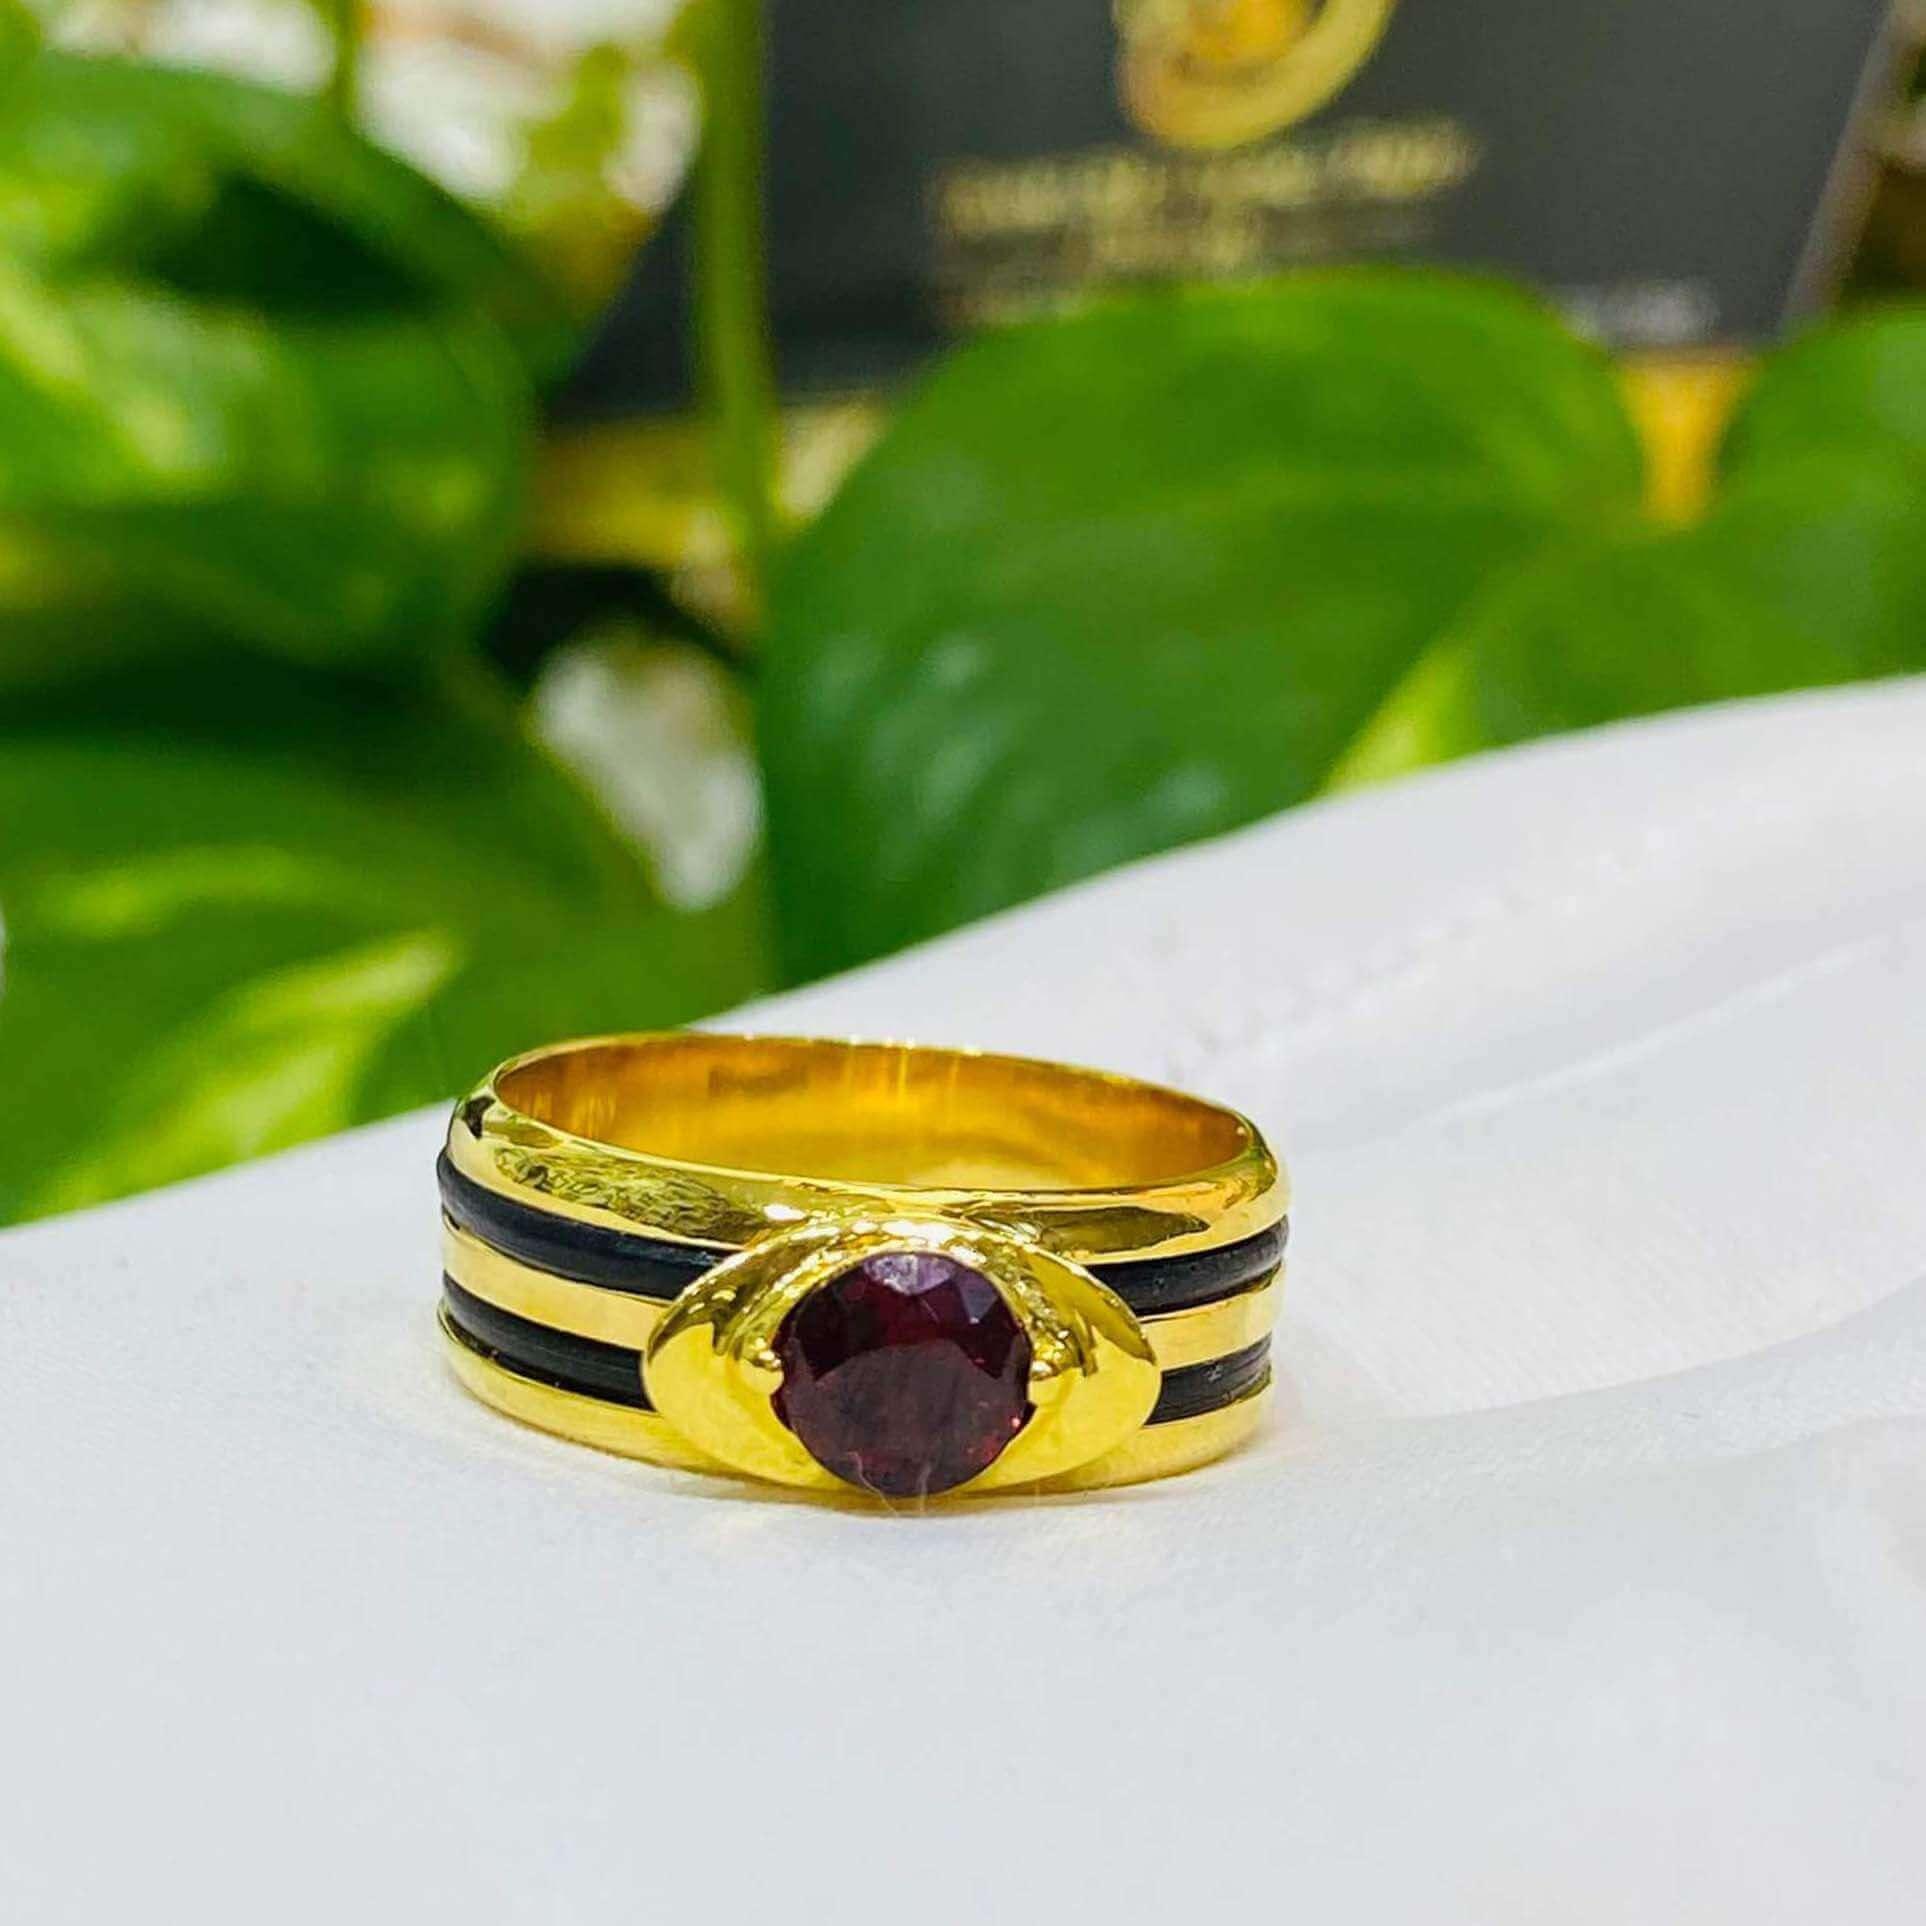 Nhẫn thỏi vàng mặt đá Garnet luồng 2 sợi lông voi thiết kế đặc sắc